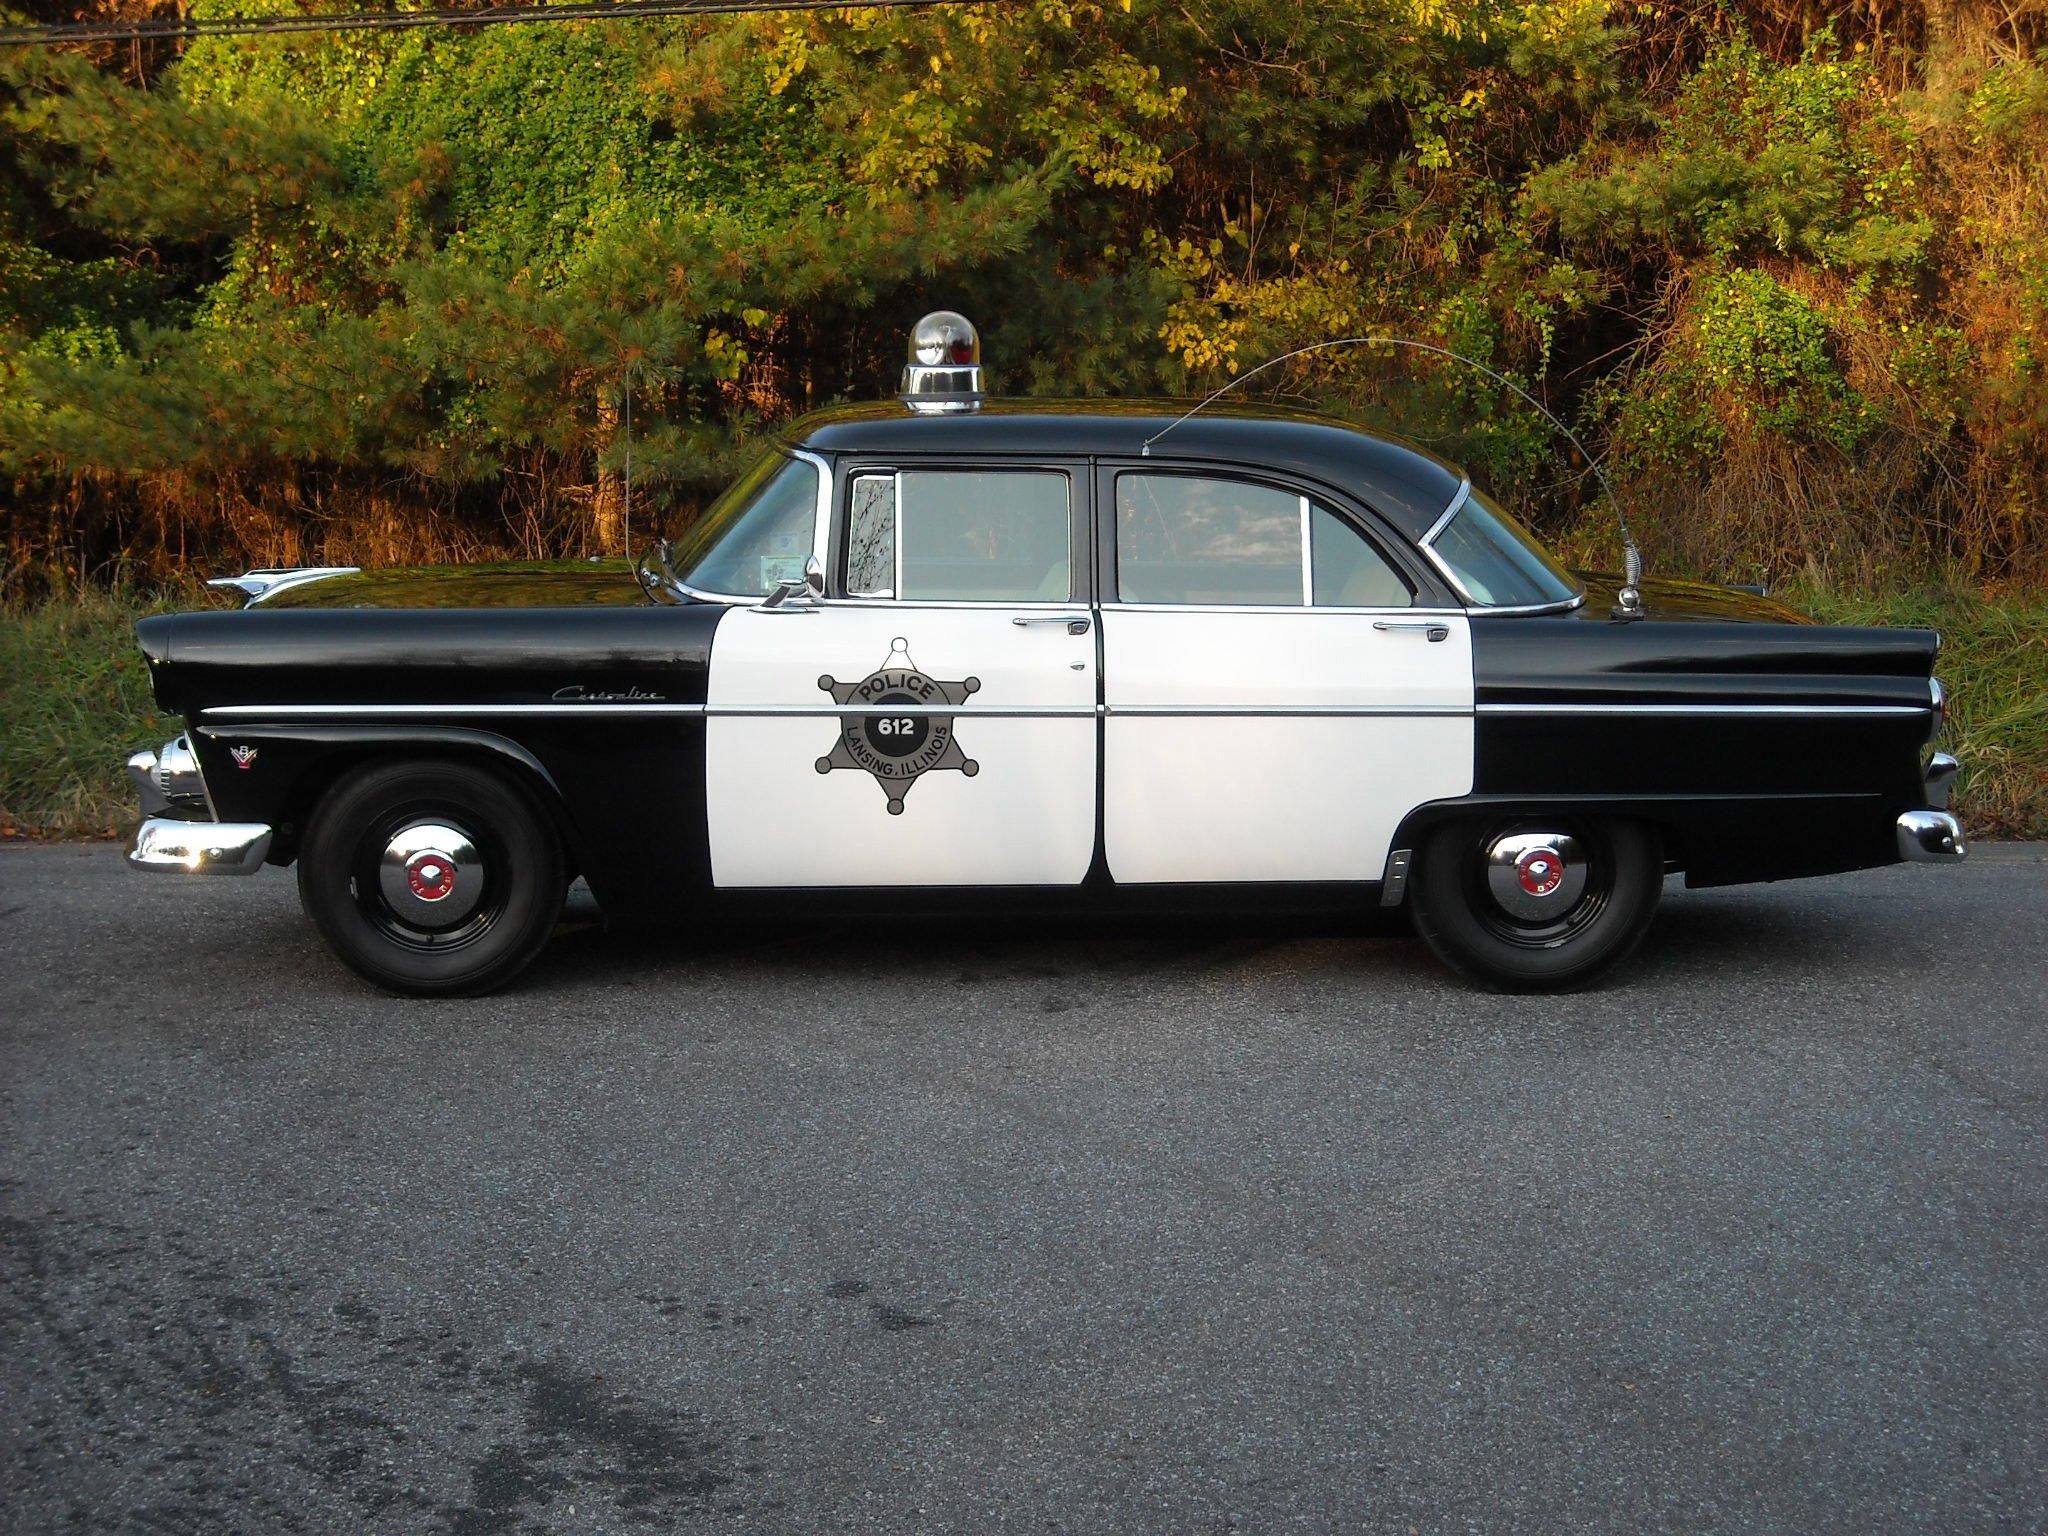 1955 ford customline 4 door sedan police 73b emergency for 1955 ford customline 4 door